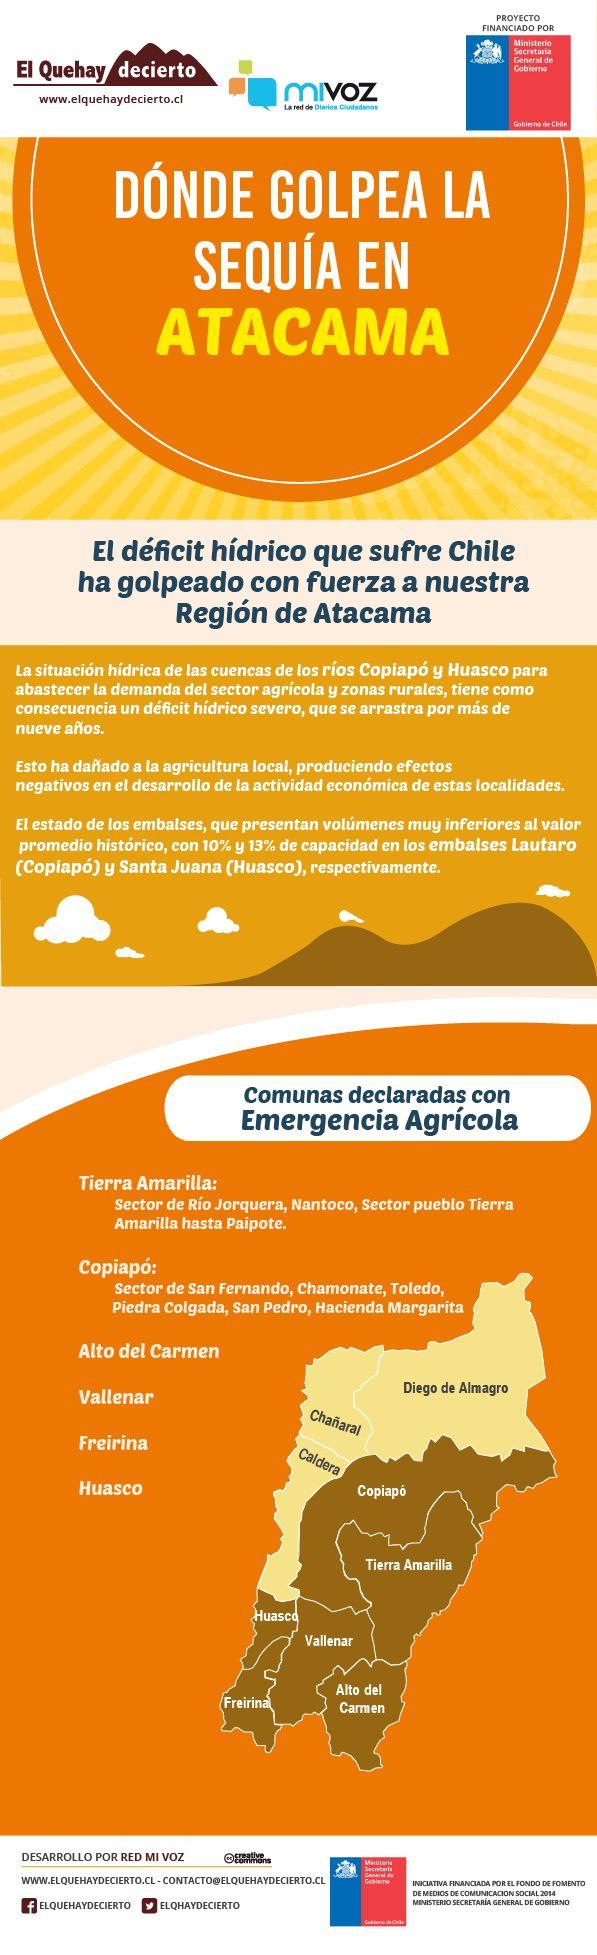 [Infografía] Dónde golpea la sequía en la Región de Atacama | El QueHayDecierto.cl , Noticias de Copiapó y Atacama